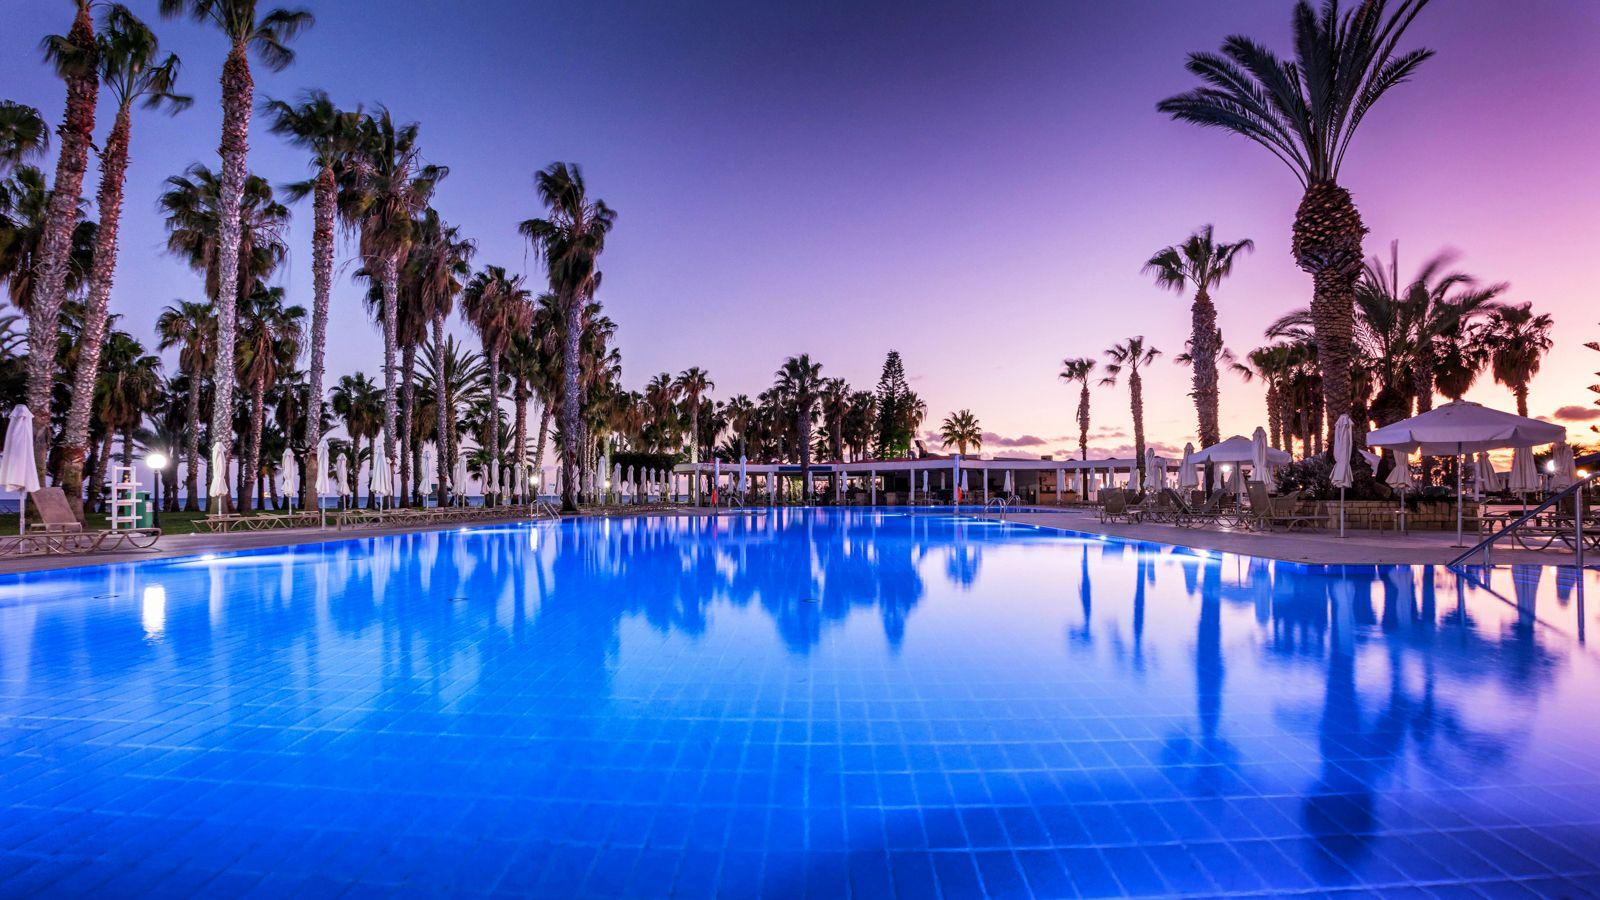 4* Louis Phaethon Beach - Πάφος, Κύπρος ✦ 2 Ημέρες (1 Διανυκτέρευση) ✦ 2 άτομα ✦ Πρωινό ✦ 01/08/2021 έως 31/08/2021 ✦ Πάνω στη Θάλασσα!